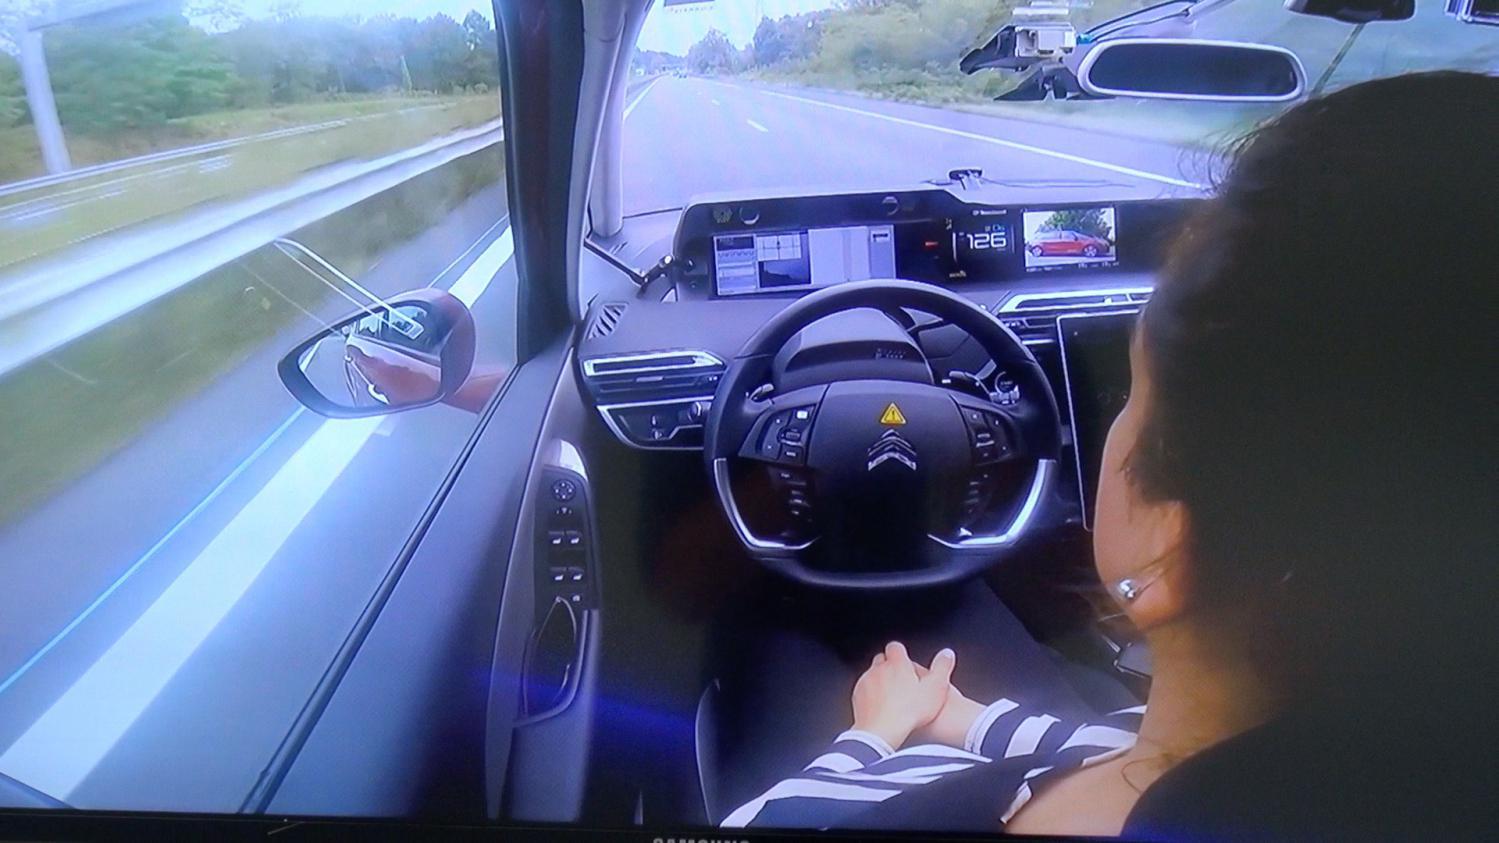 paris bordeaux en voiture autonome 580 km sans toucher le volant. Black Bedroom Furniture Sets. Home Design Ideas